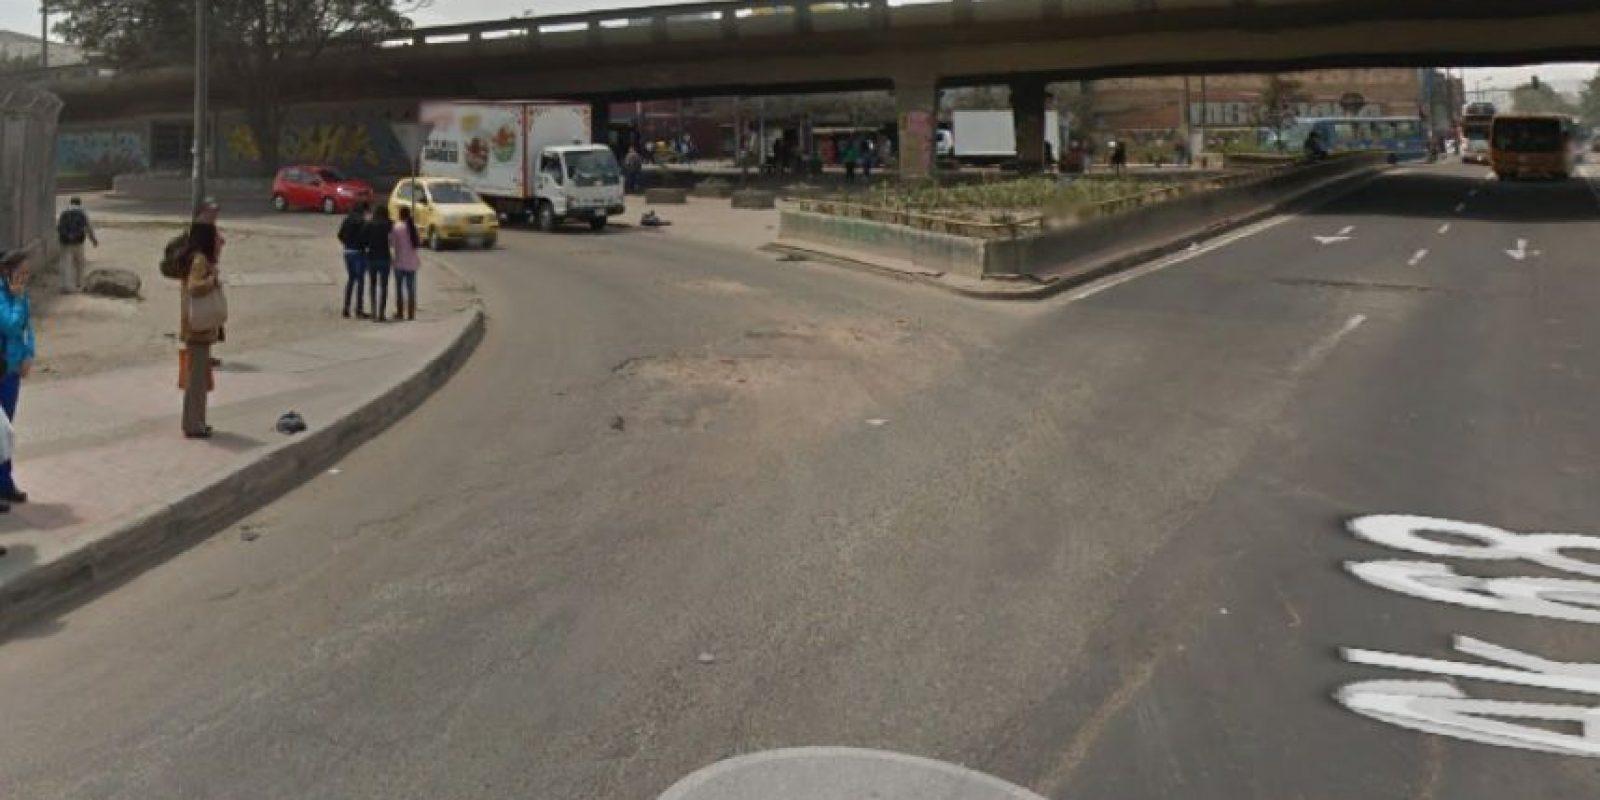 La intersección de la calle 13 con avenida 68 es casi intransitable. Foto:Google Street View